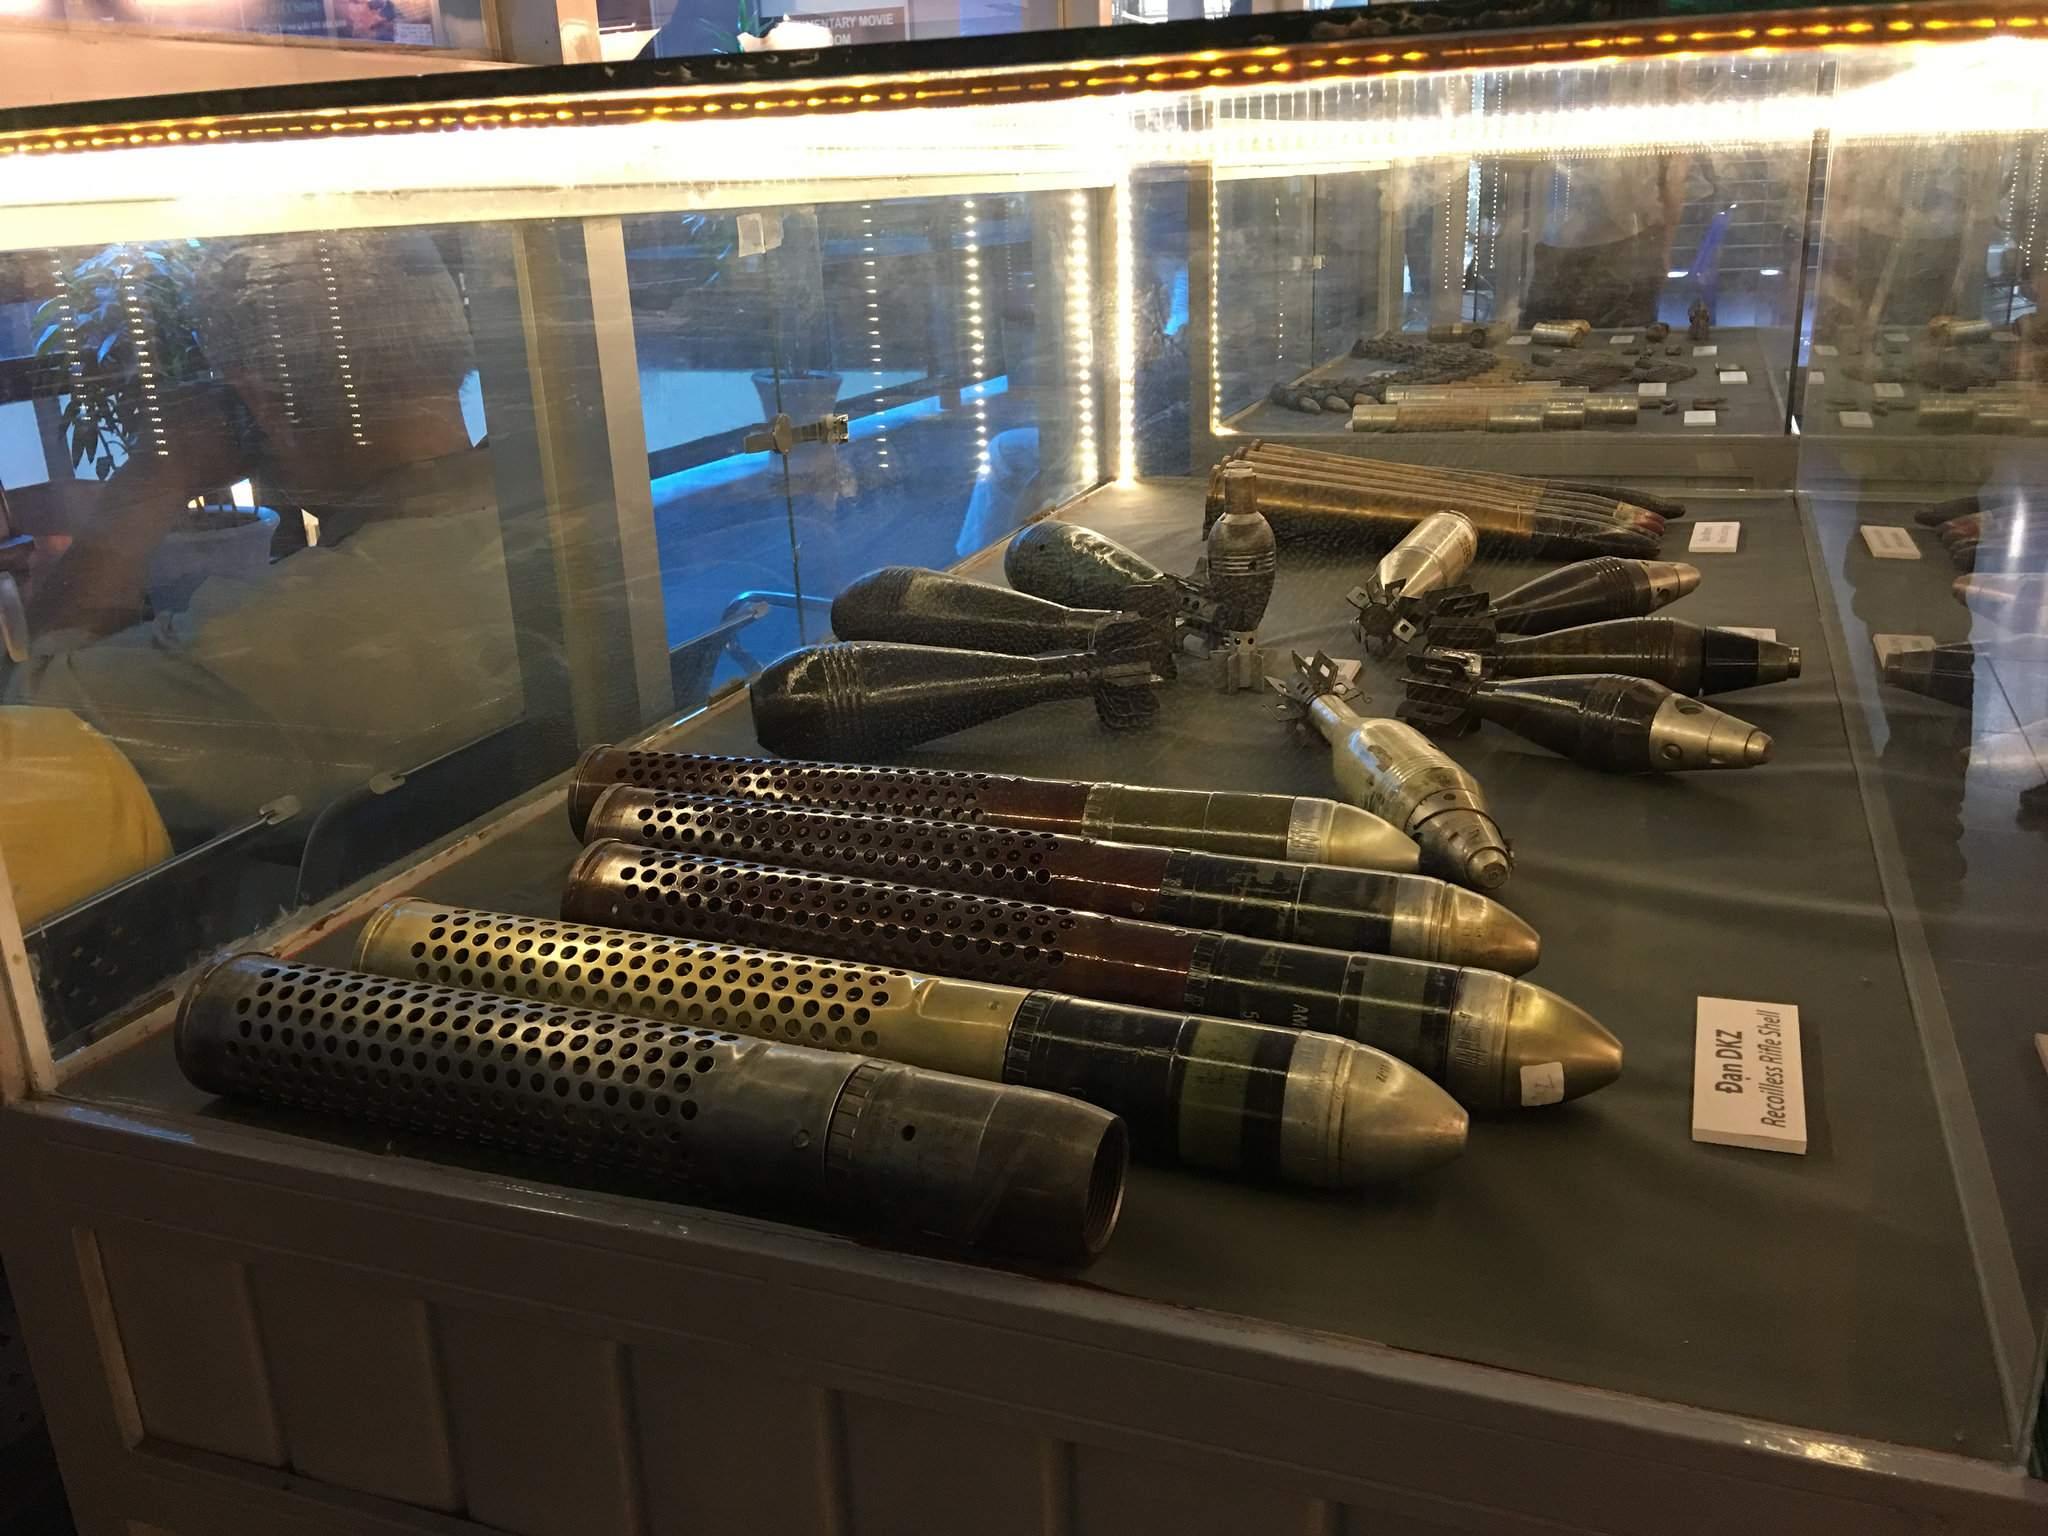 war remnants museum11 War Remnants Museum in Ho Chi Minh City, Vietnam